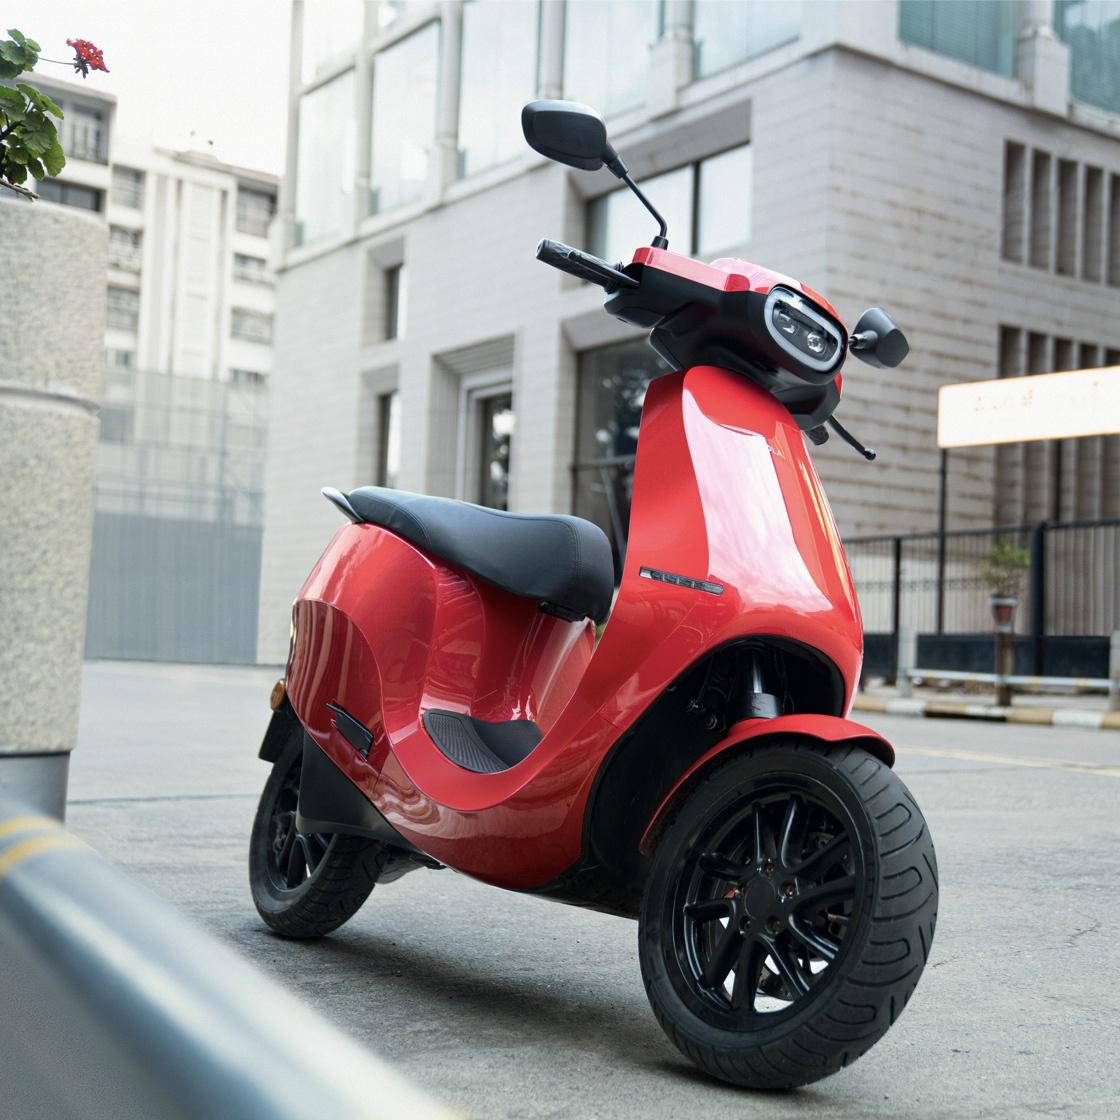 Chuẩn bị đón chào xe máy điện sở hữu công nghệ hiện đại, giá rẻ không ngờ sắp ra mắt  1